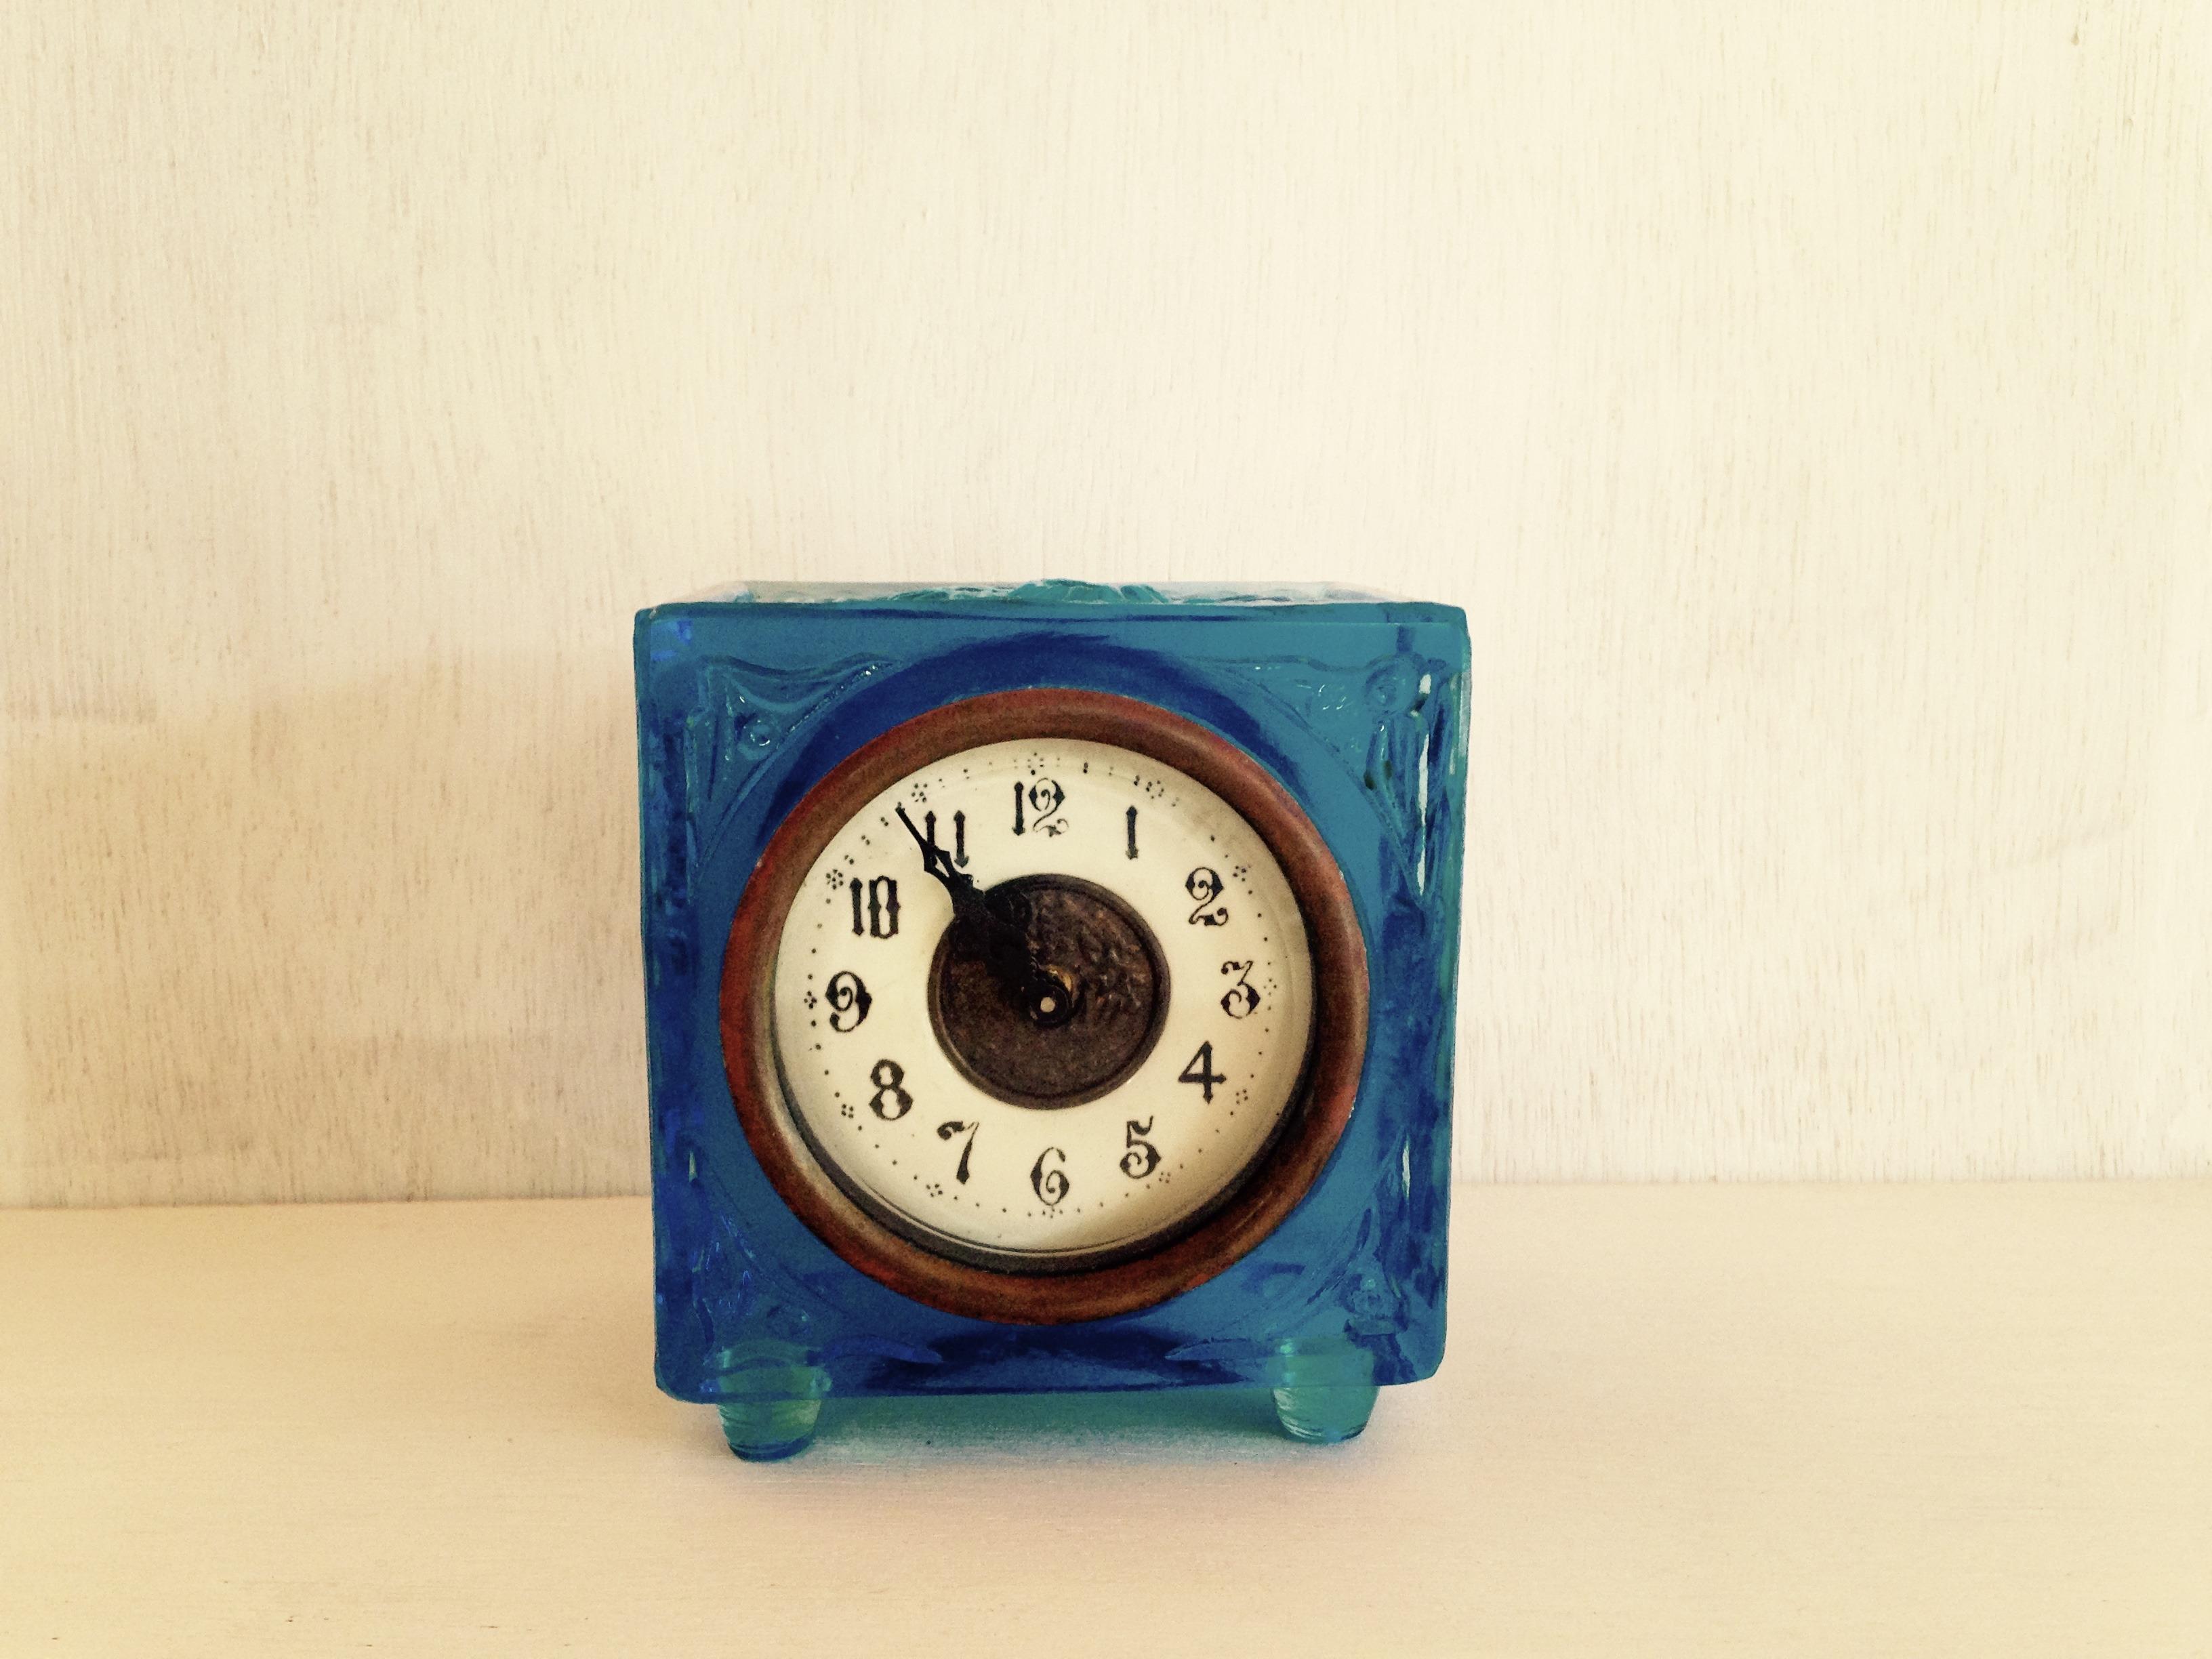 青いガラス製の古い手巻き時計